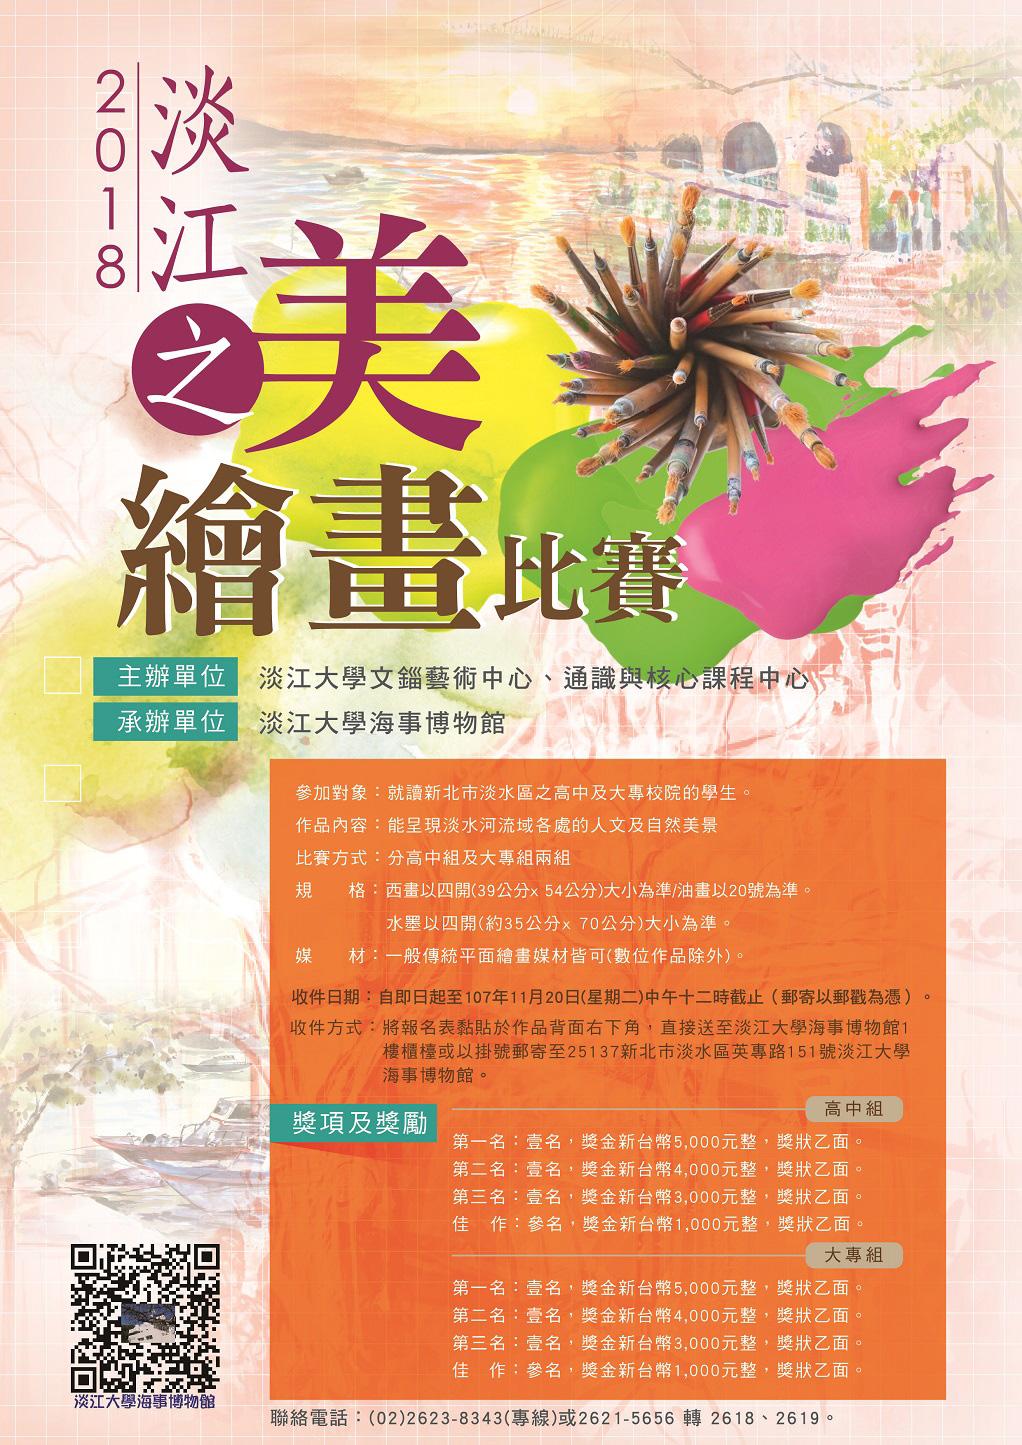 活動海報:海事博物館「淡江之美」繪畫比賽